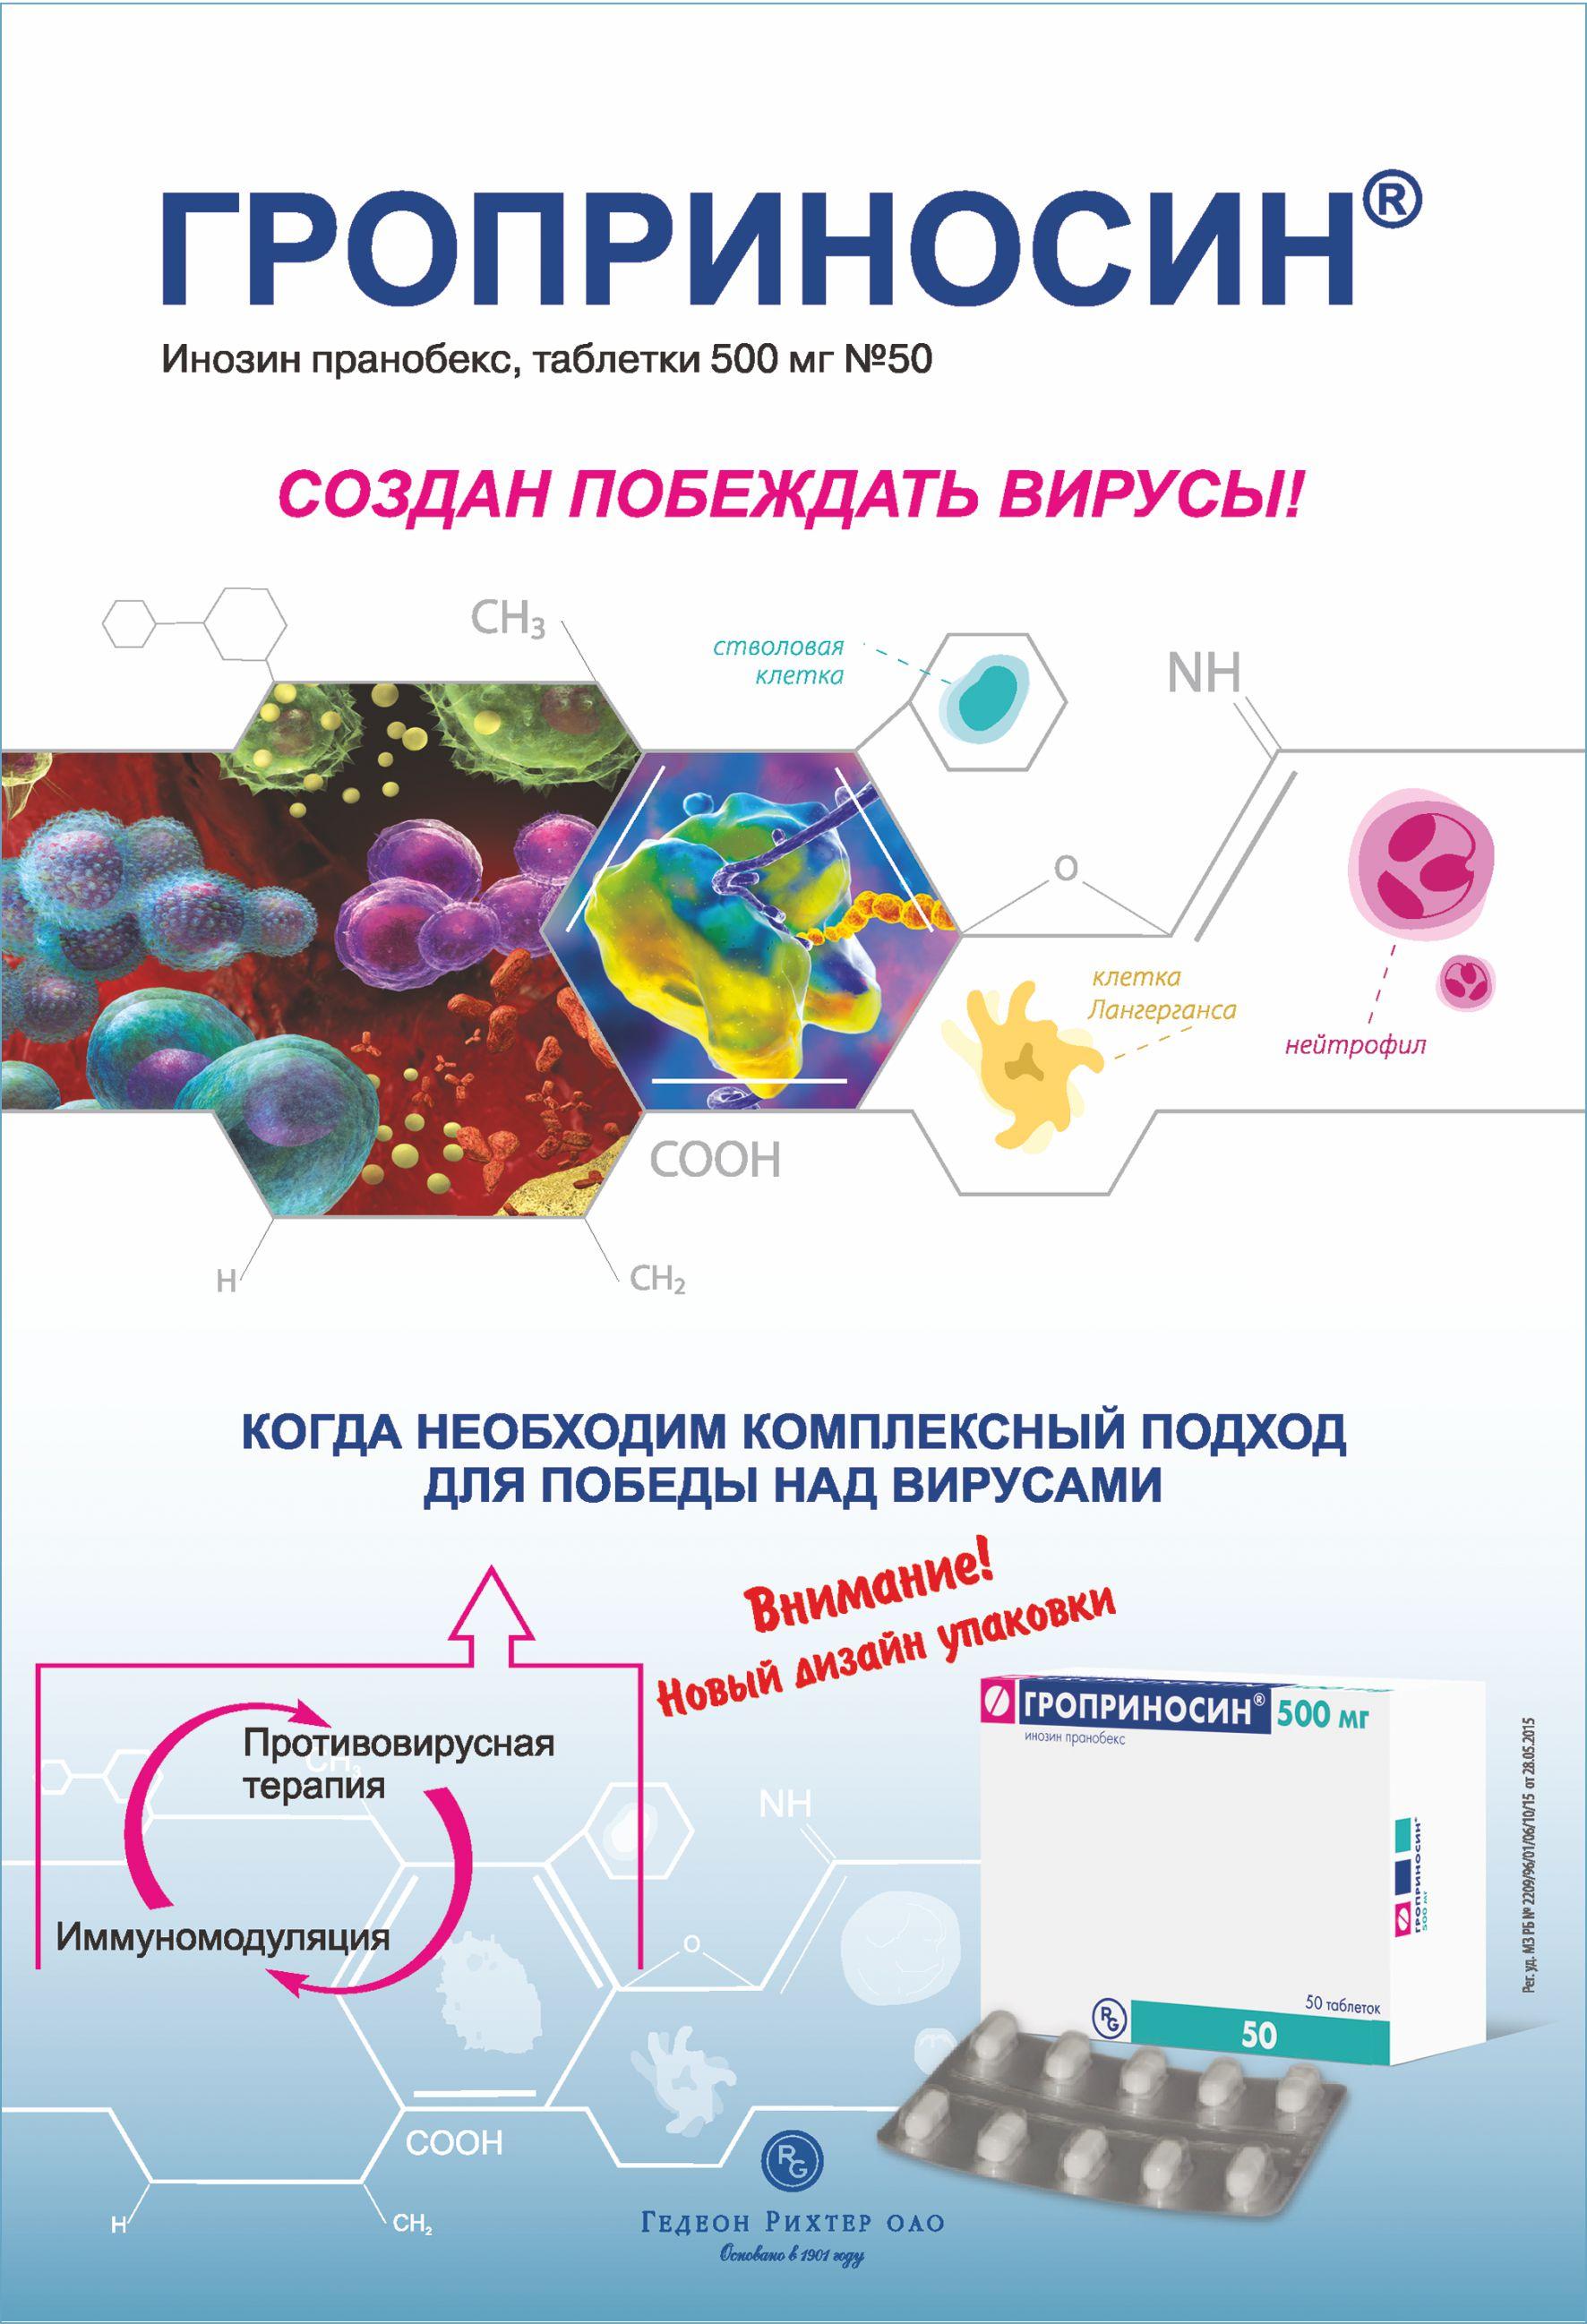 Аденовирусная инфекция у детей: симптомы, лечение и профилактика. как лечить аденовирусную инфекцию